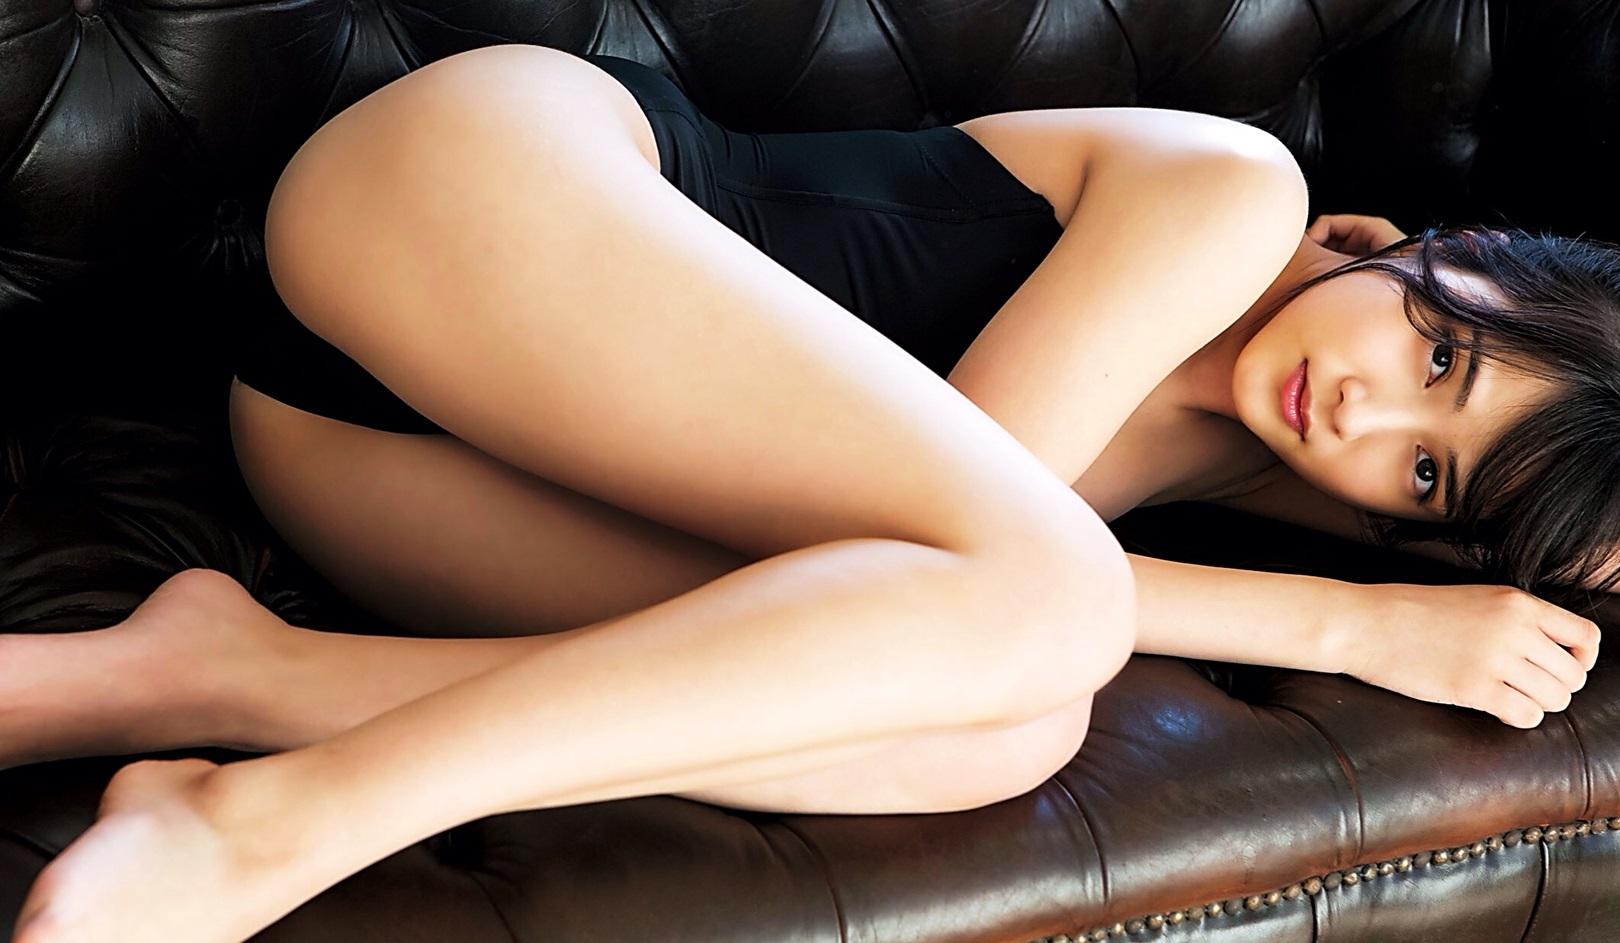 女の子の最大の魅力は…太ももだと思うがどう思う?->画像>254枚